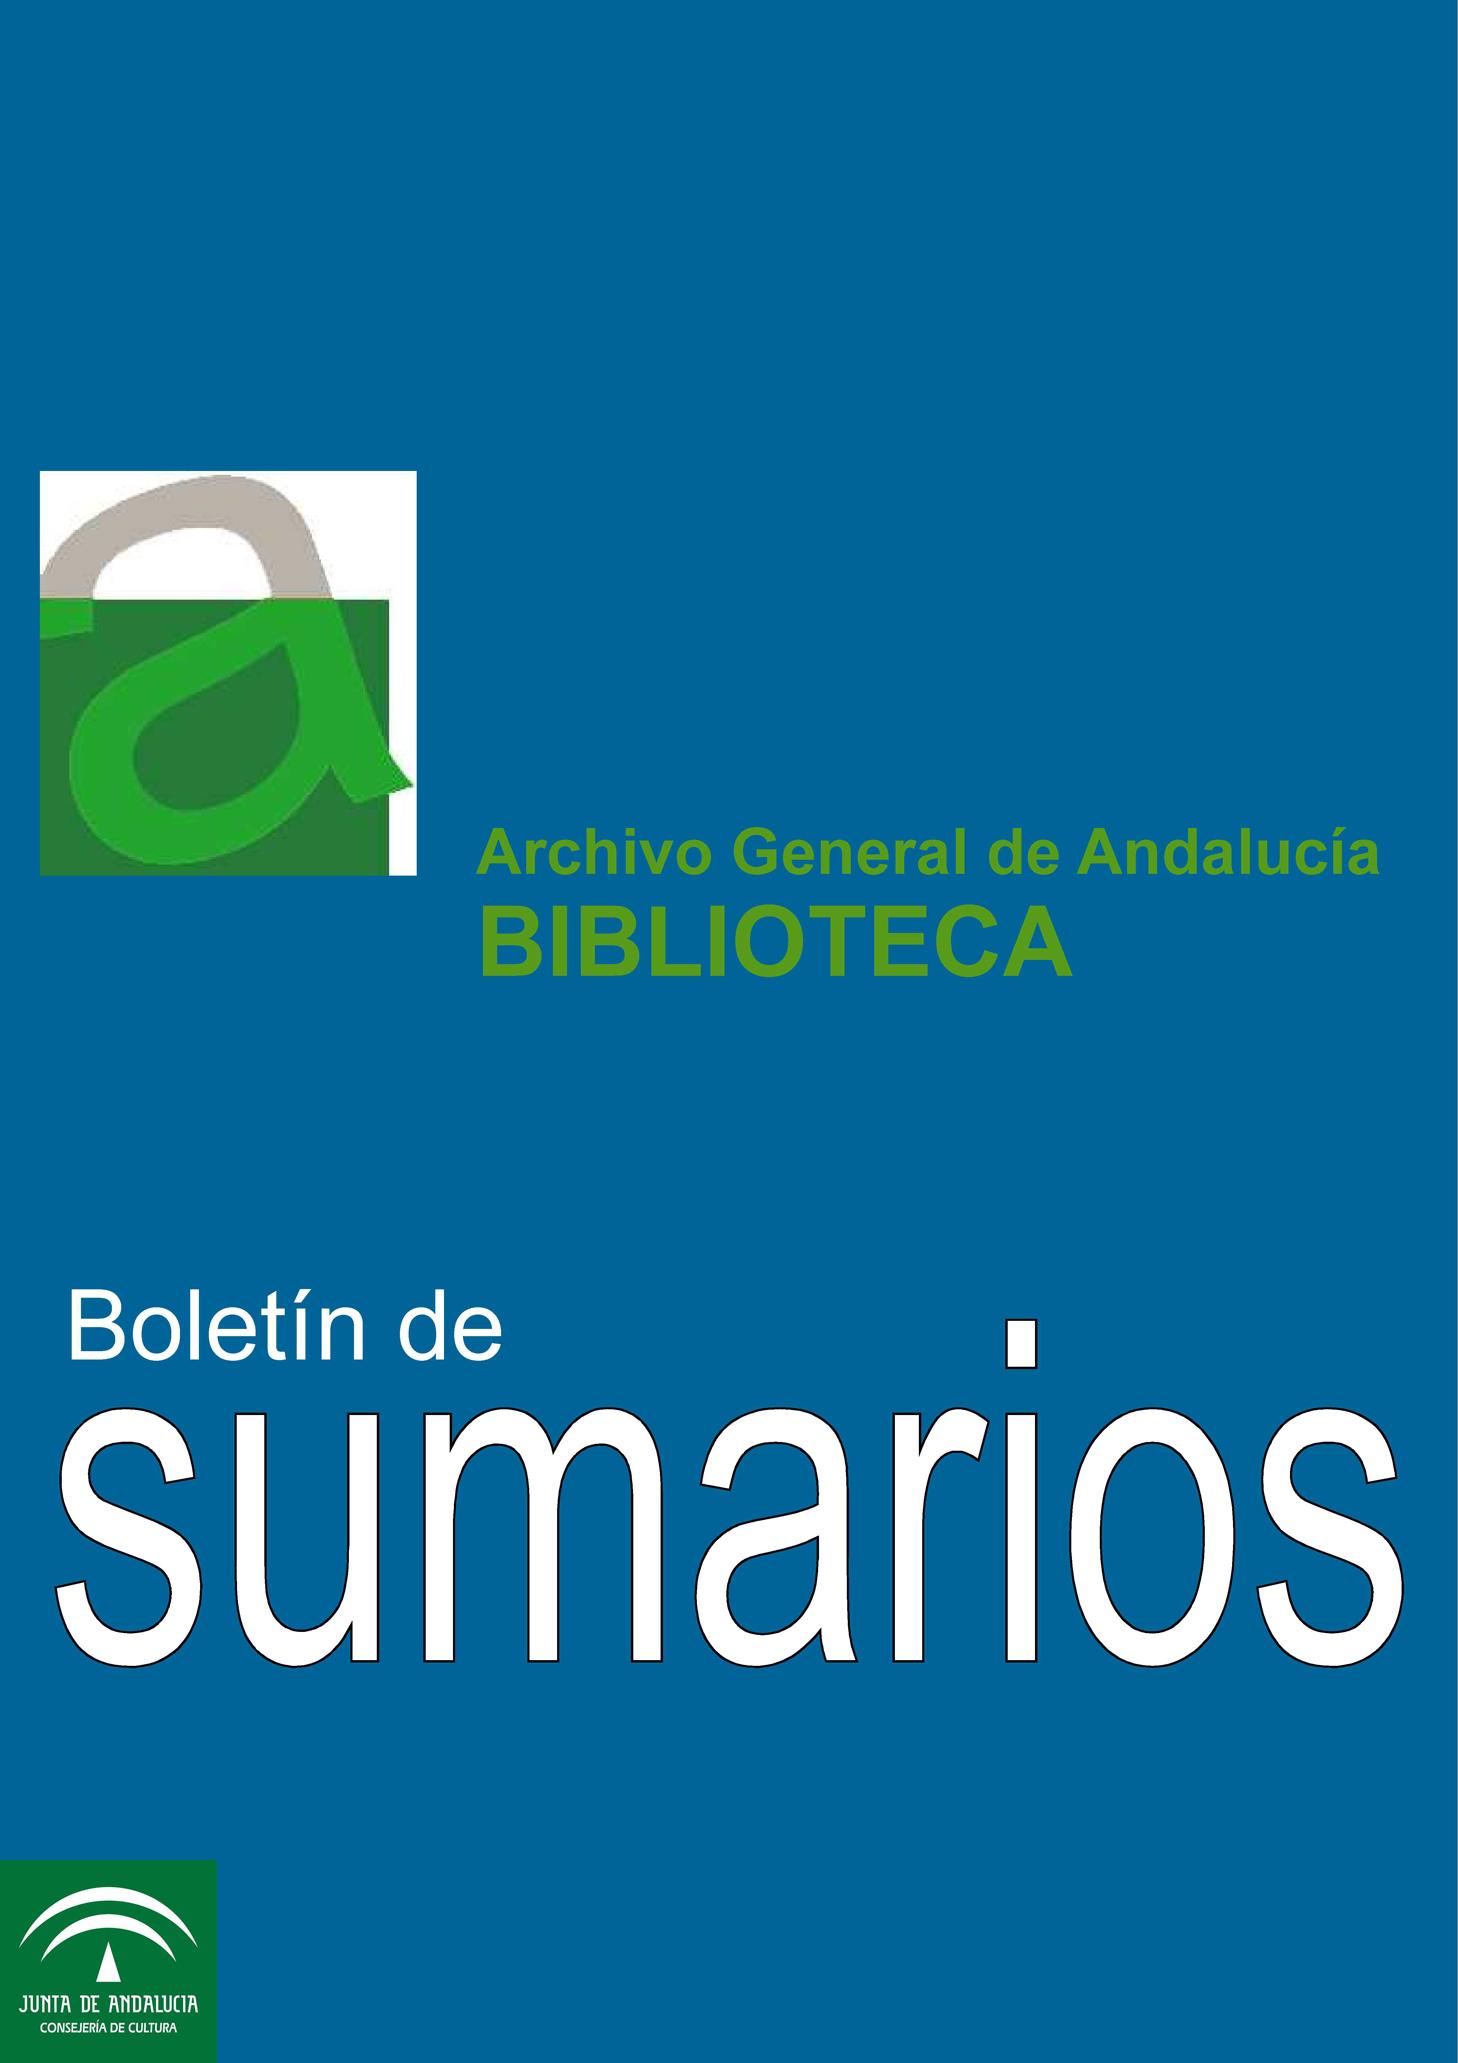 Miniatura Boletín de Sumarios3